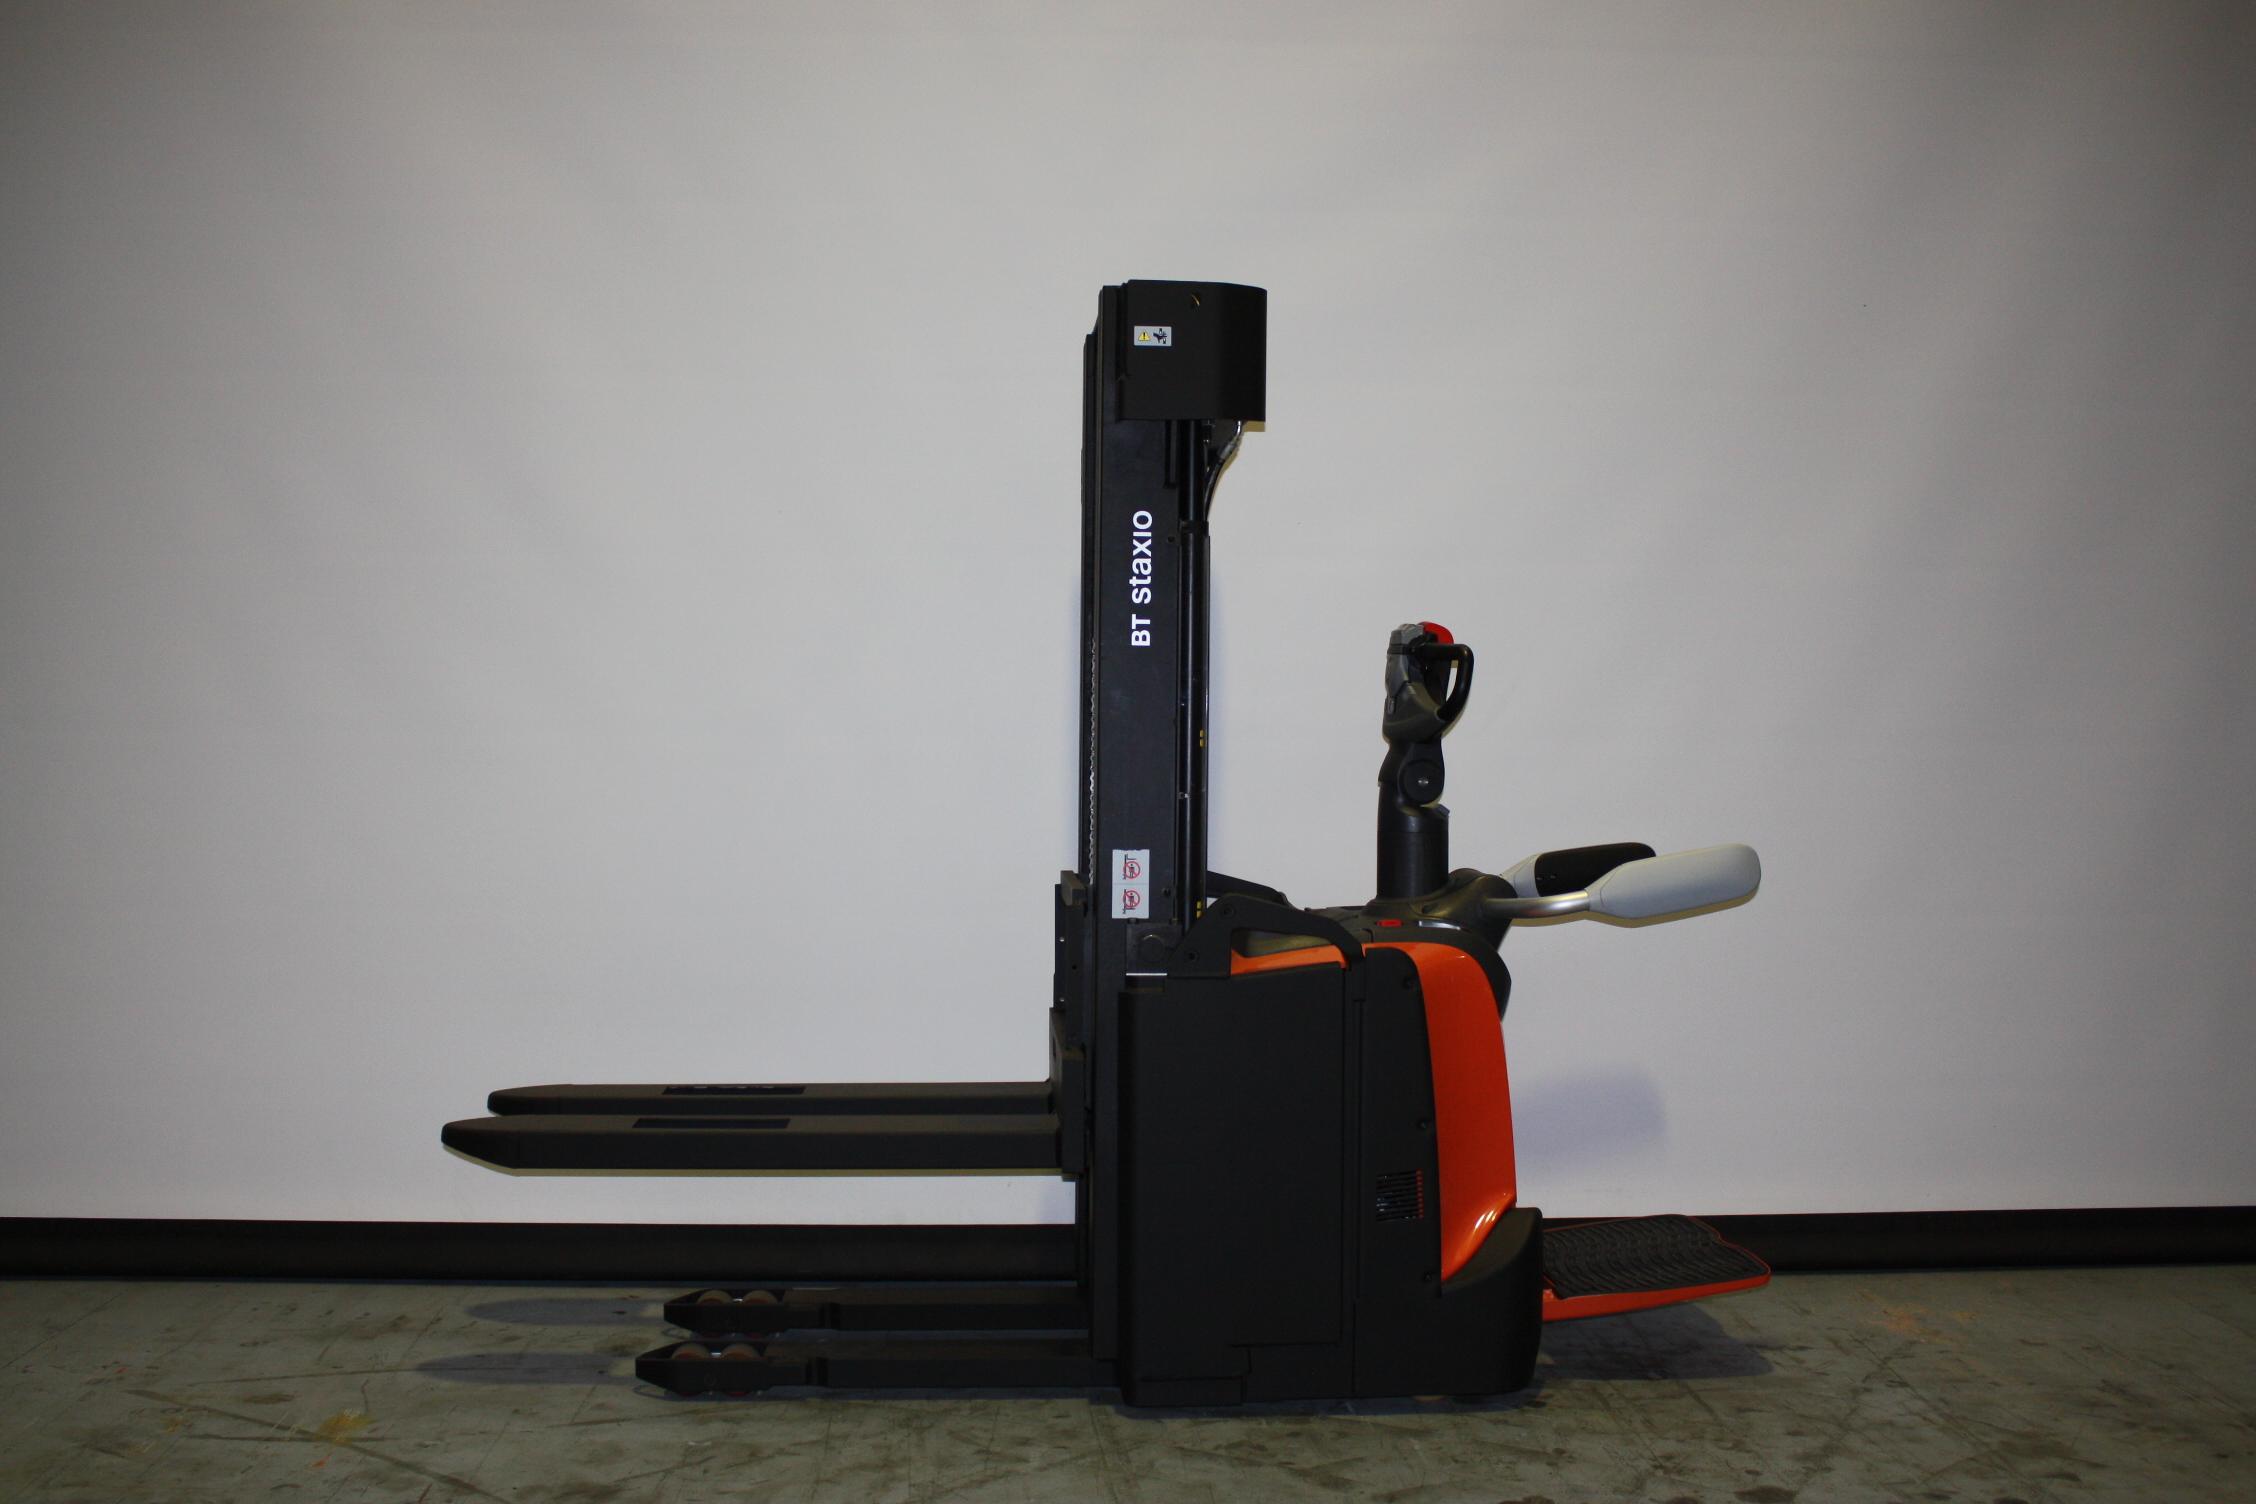 Toyota-Gabelstapler-59840 1911001906 1 52